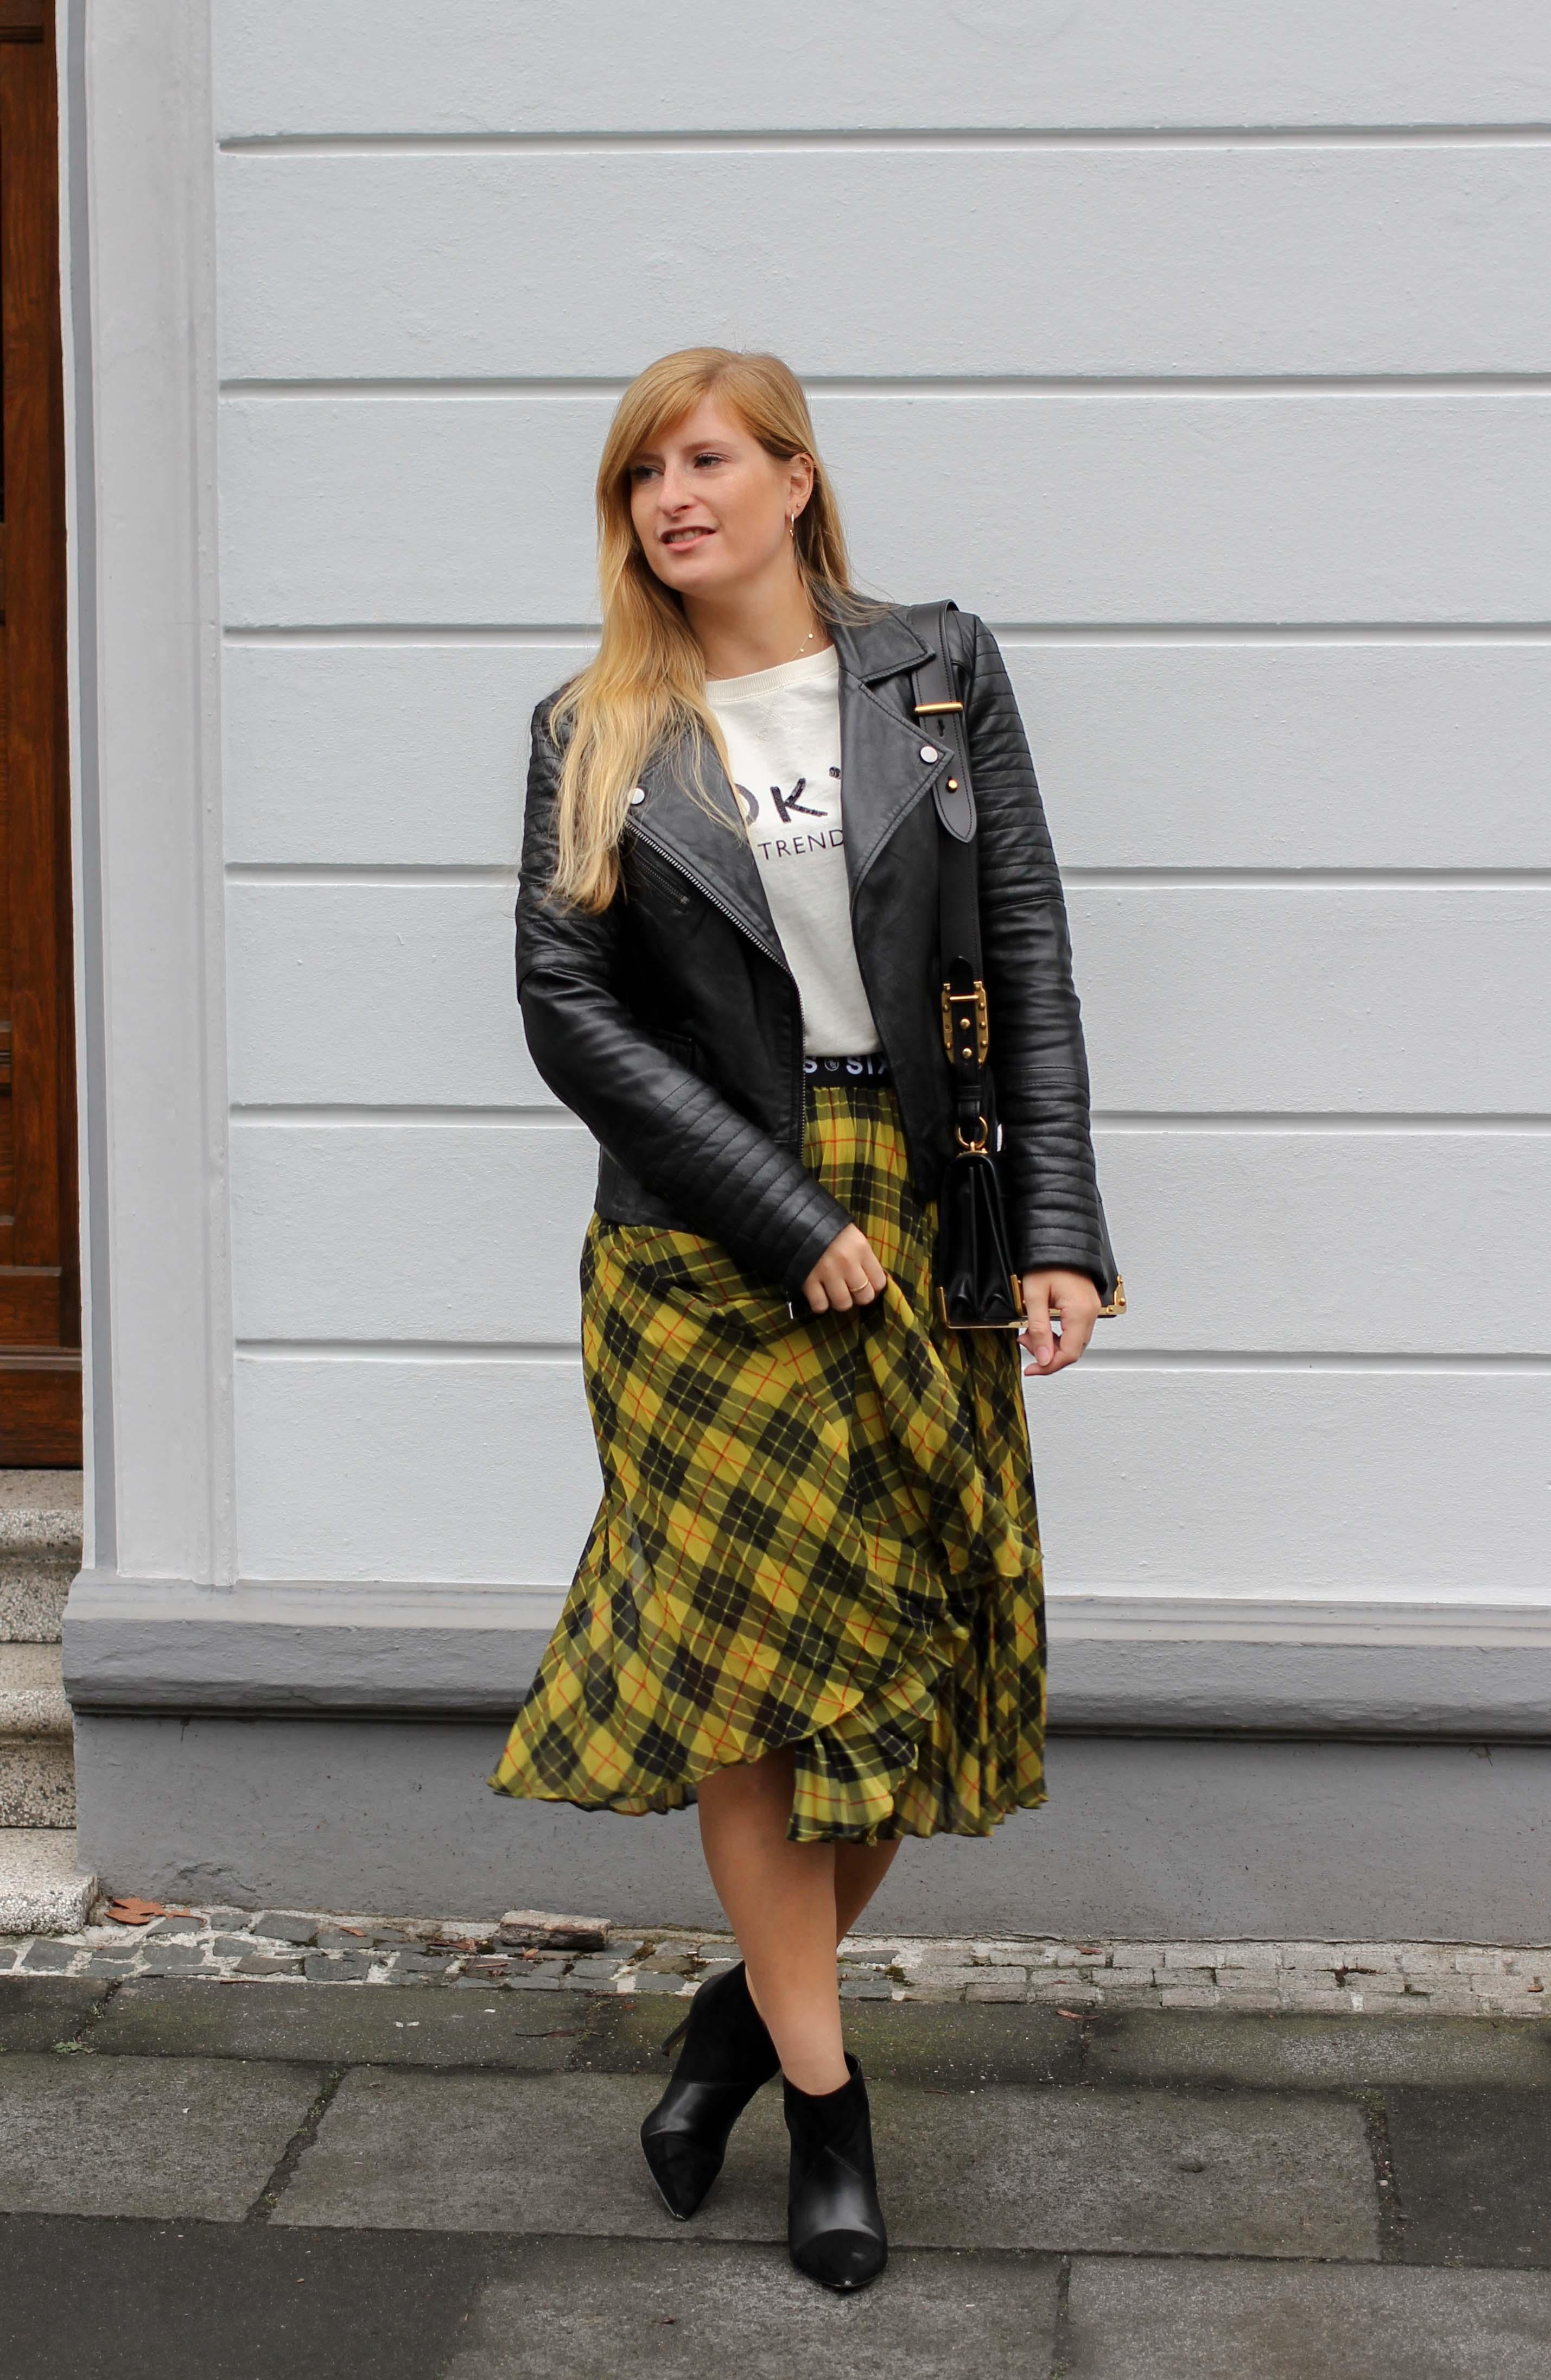 Midi Karo Rock mit Zierfalten Statement-Bund Logo am Bund Miss Sixty karrierter Rock Midirock Streetstyle Outfit Modeblog 4